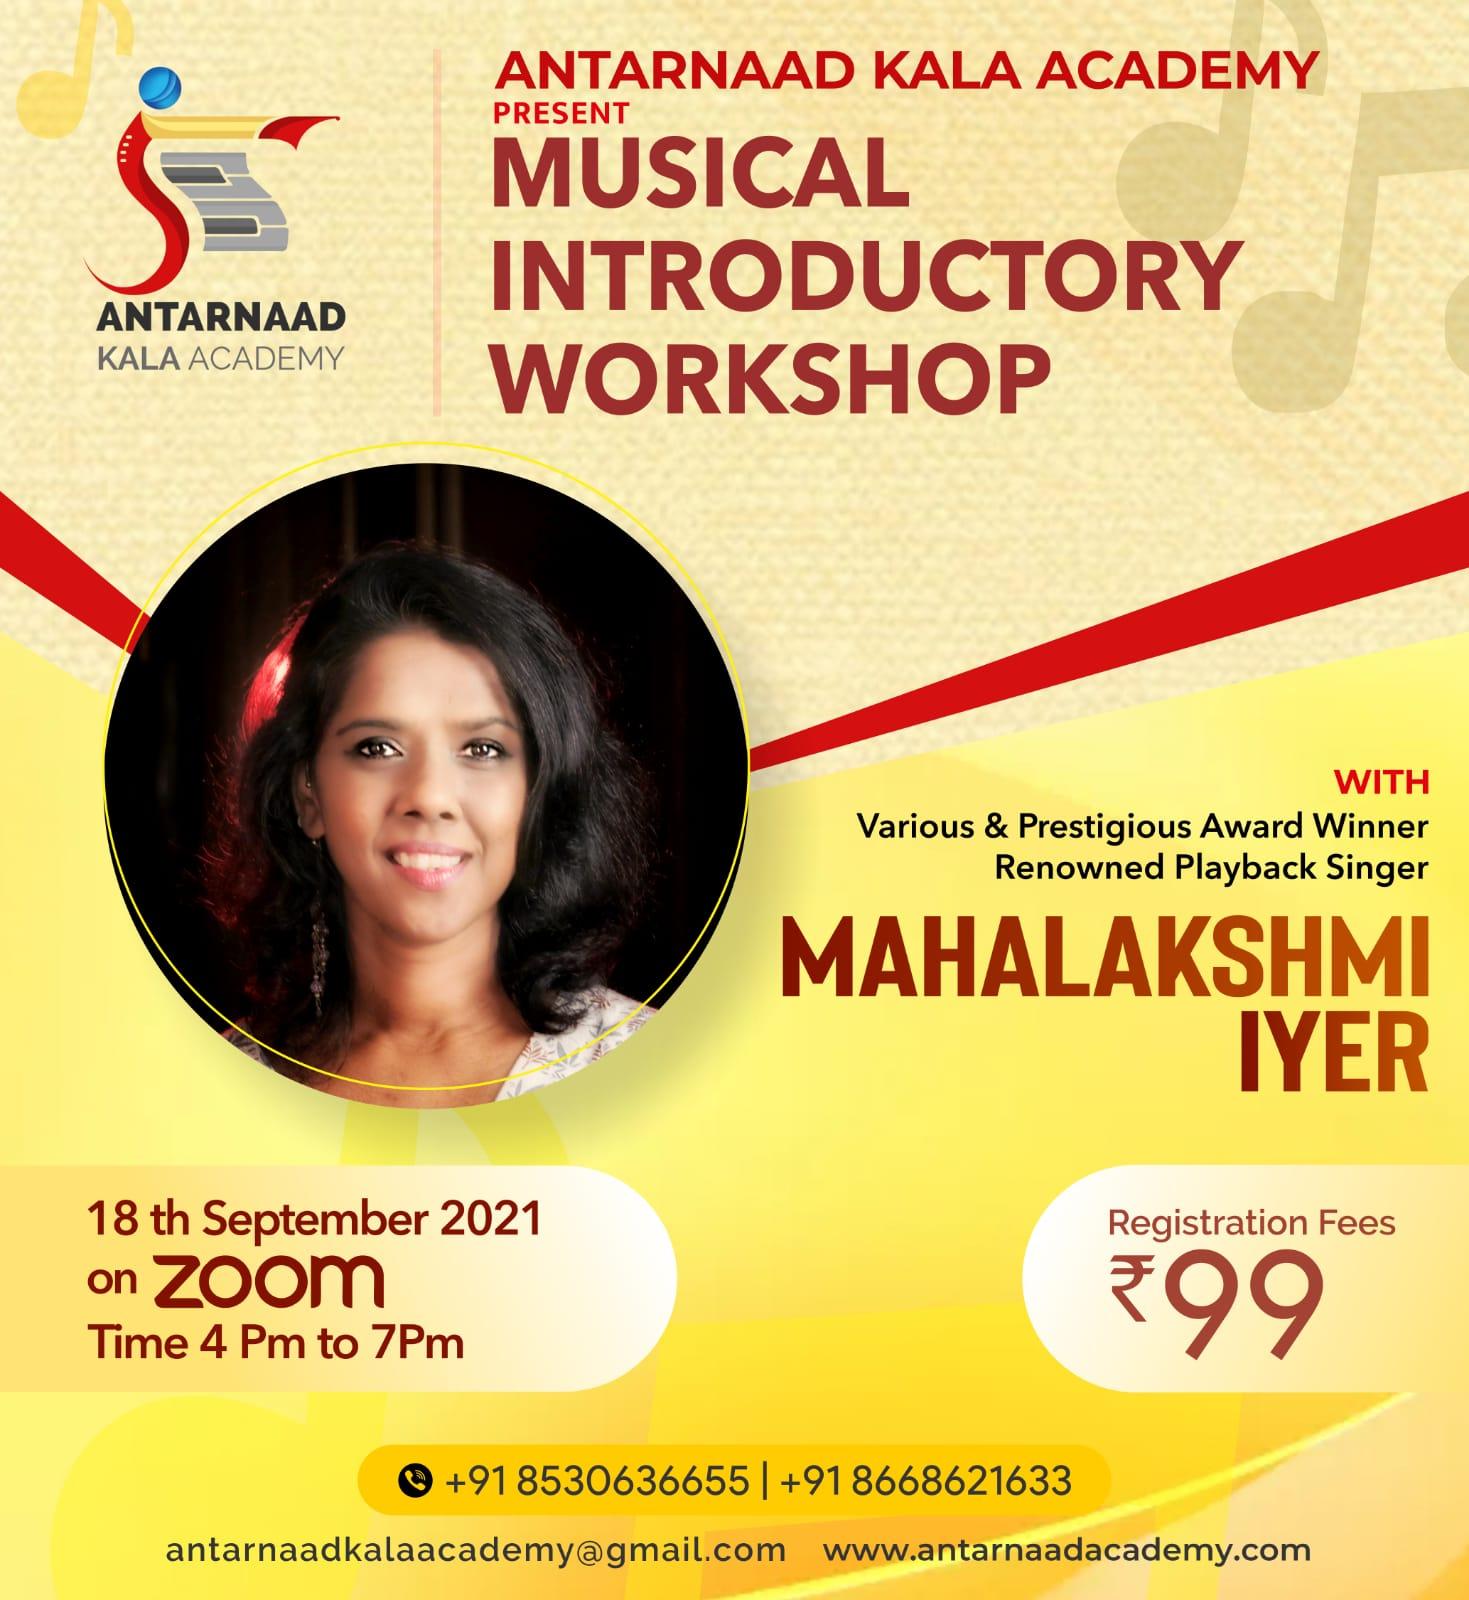 The Antarnaad Kala Academy organized an online <a class=